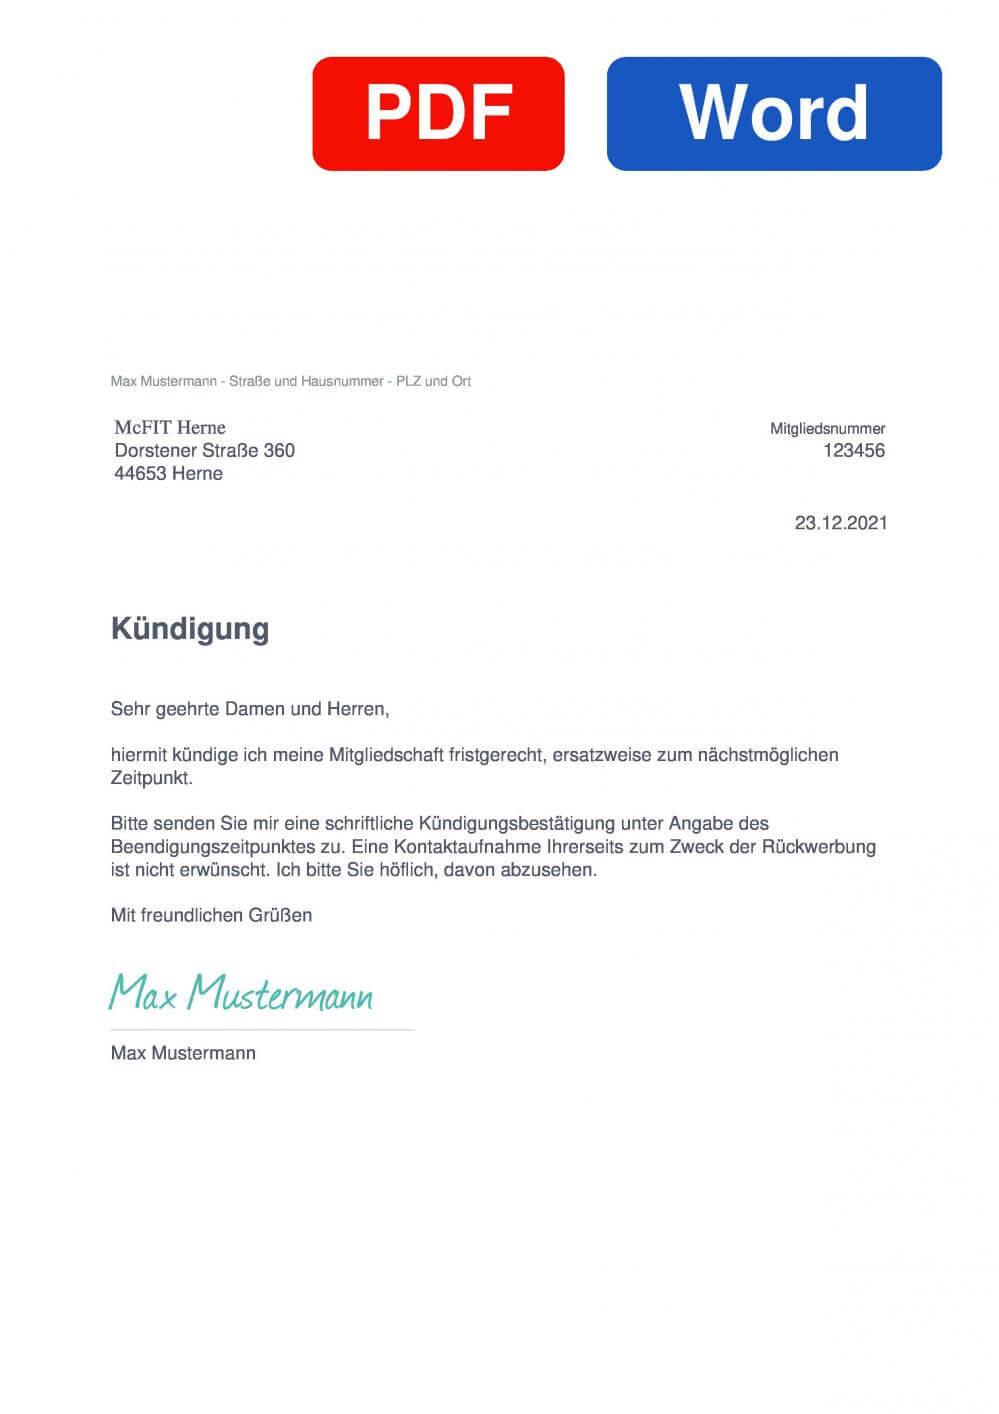 McFIT Herne Muster Vorlage für Kündigungsschreiben